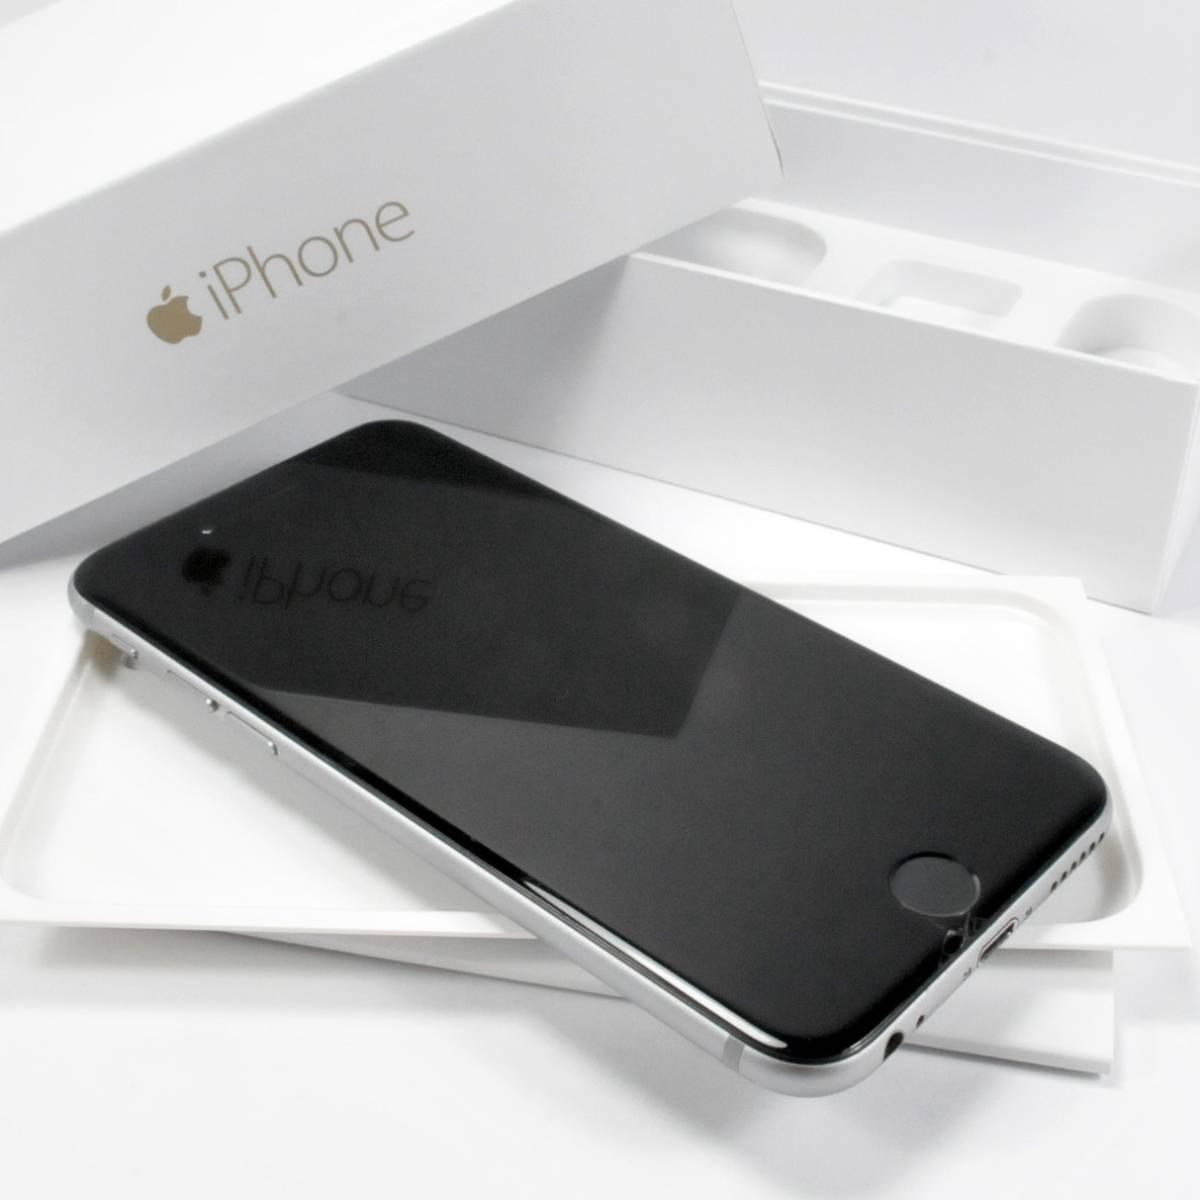 ドコモ iPhone6 64GB MG4F2J/A スペースグレイ黒グレー #7293